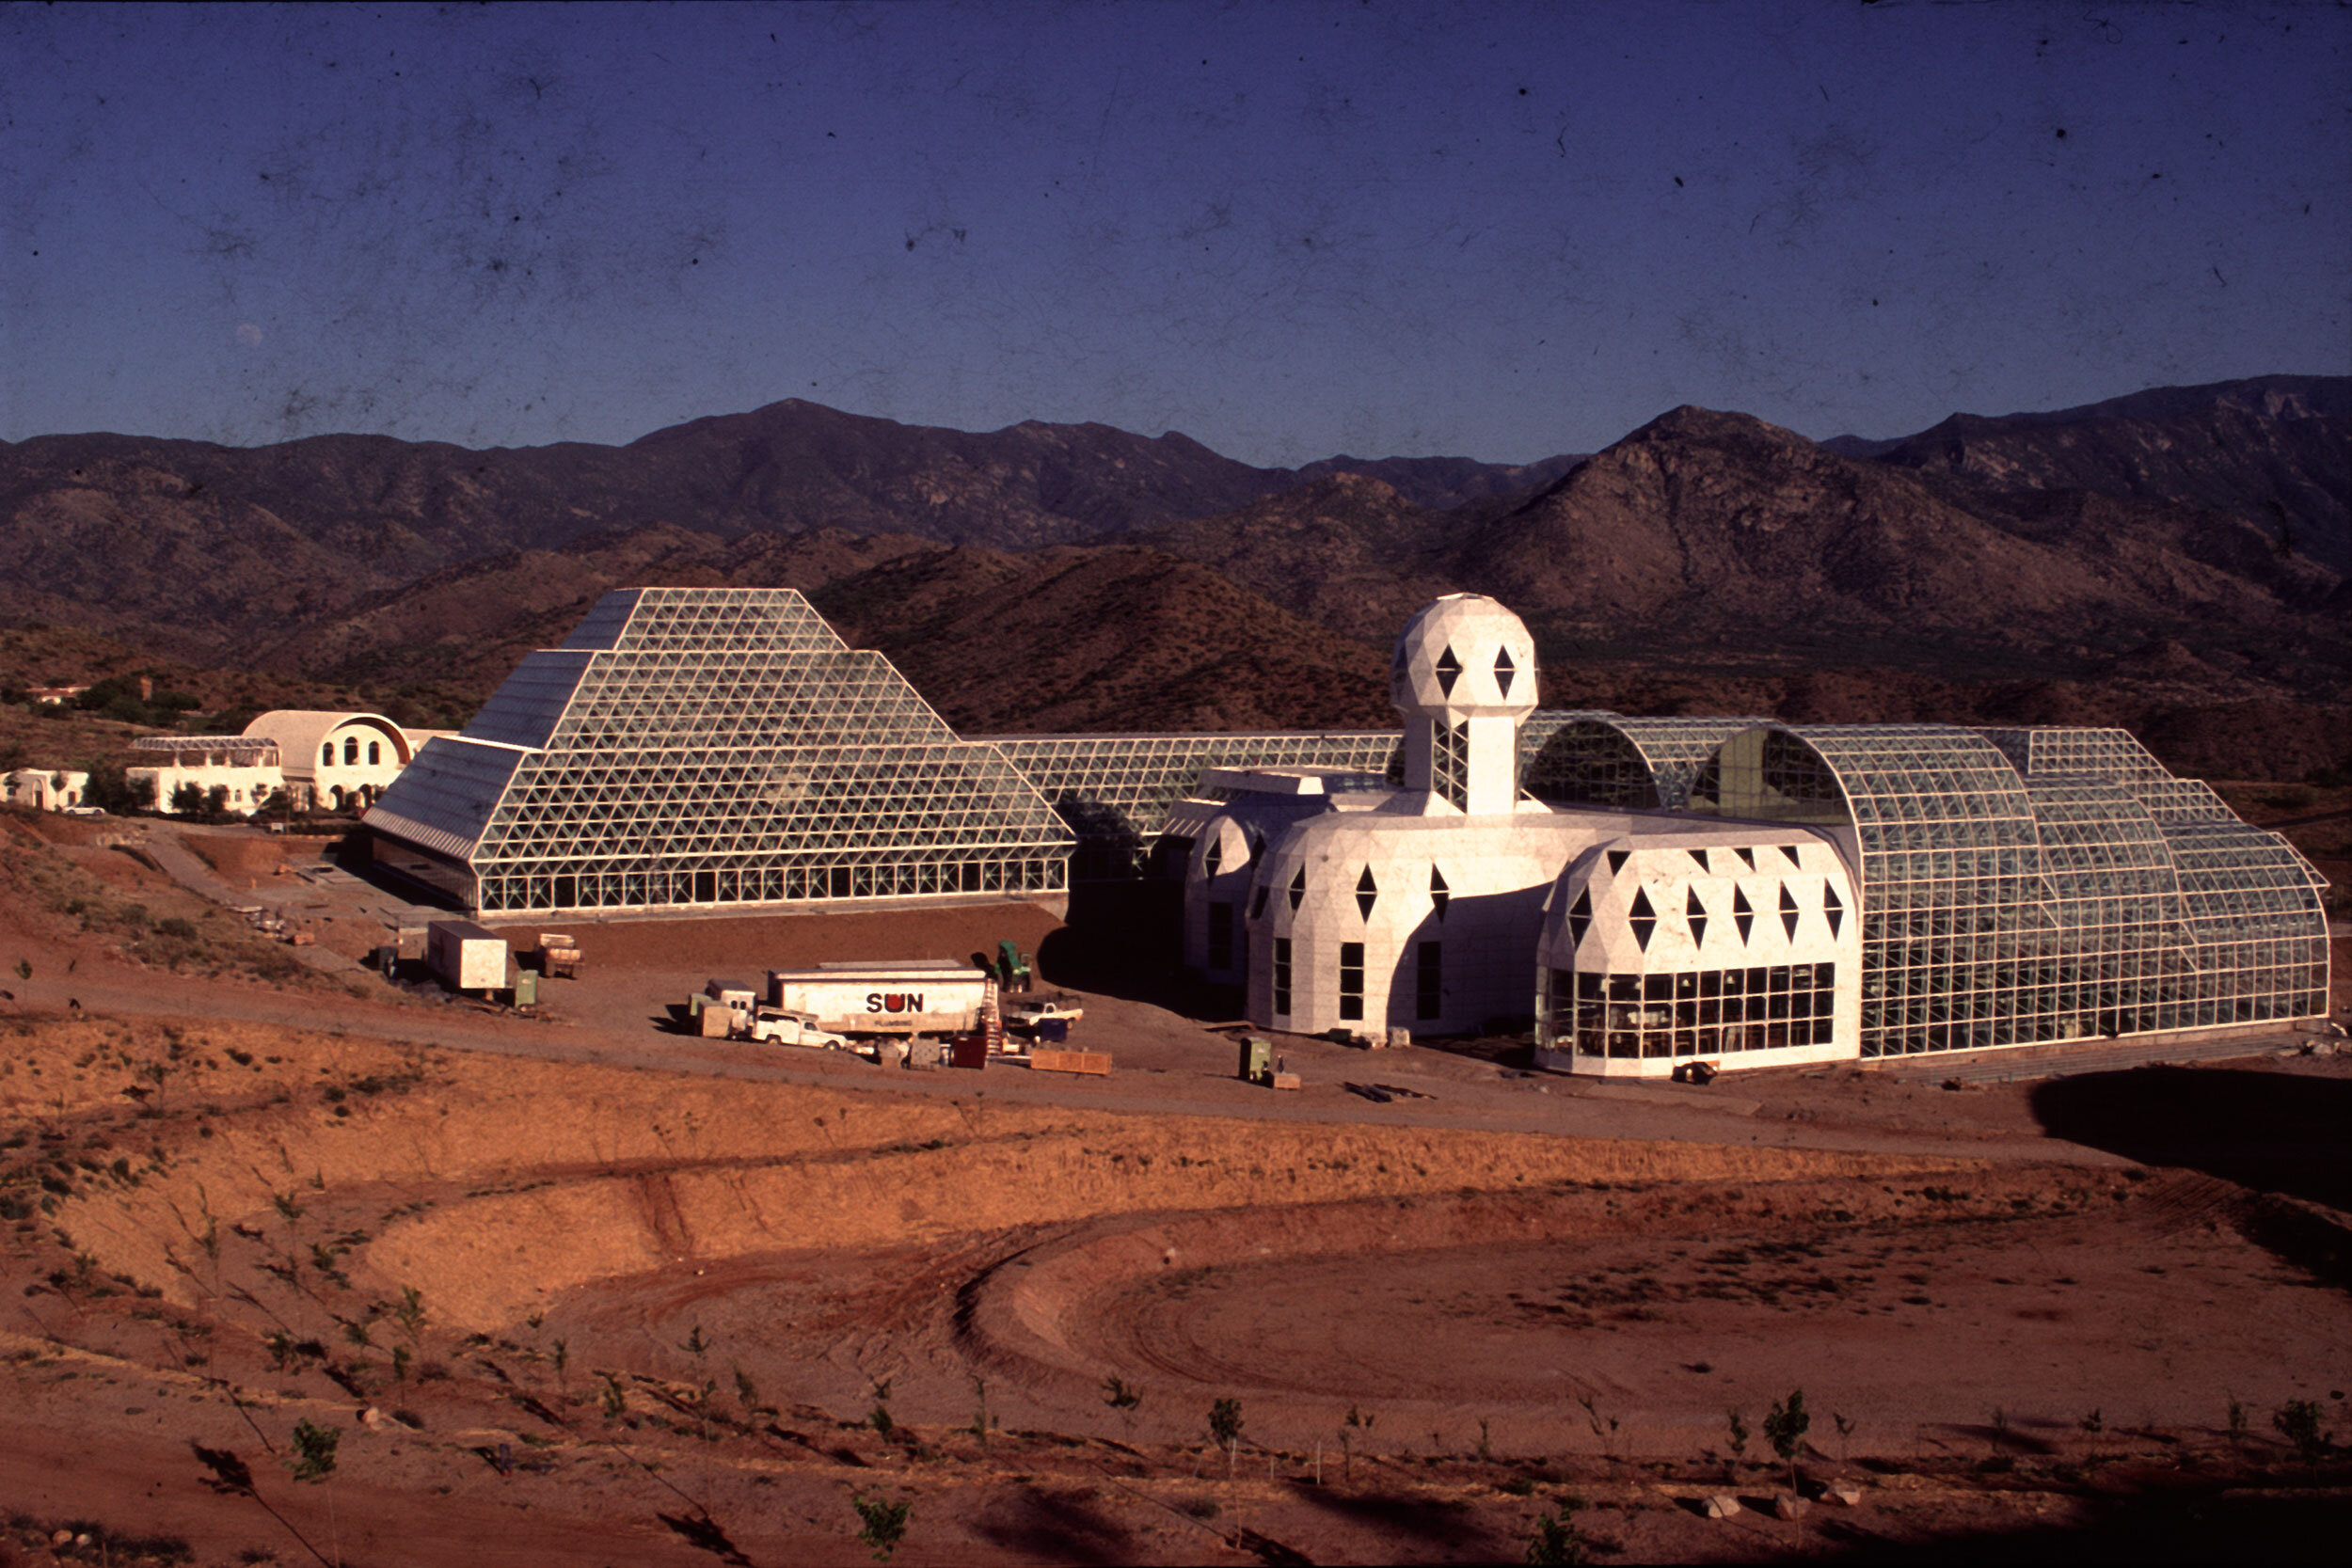 Biosphere 2 under construction